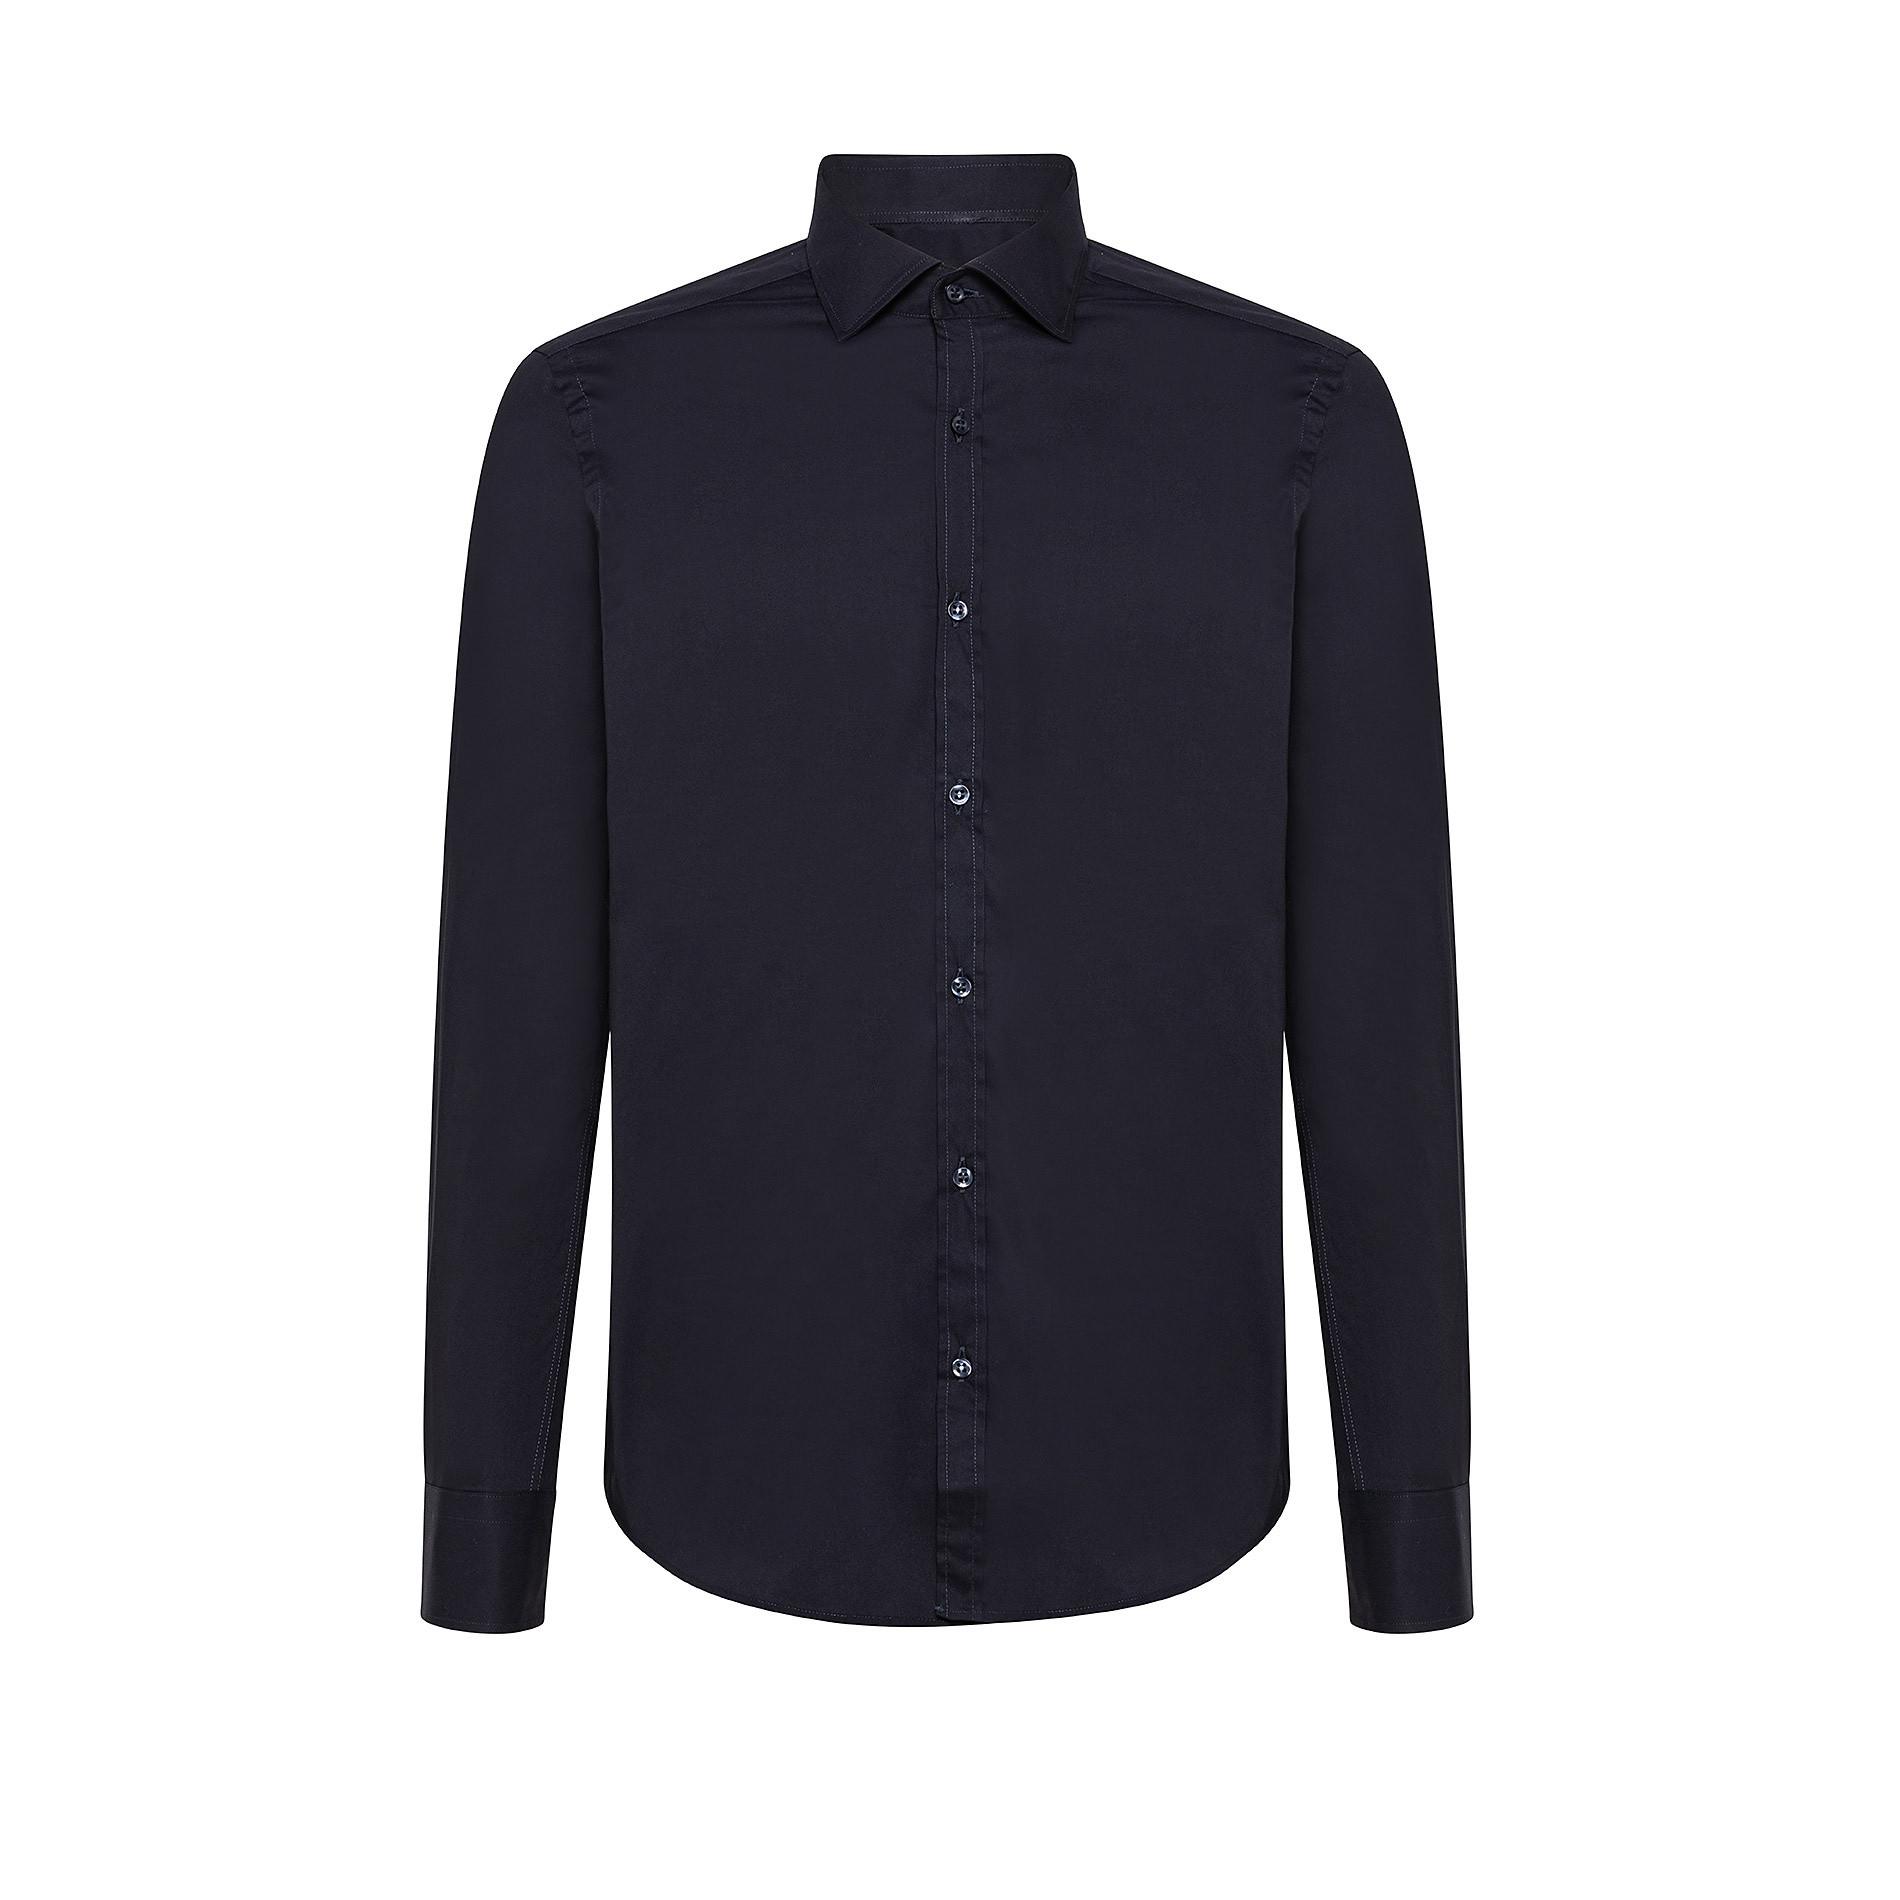 Camicia button-down popeline di cotone, Blu scuro, large image number 0